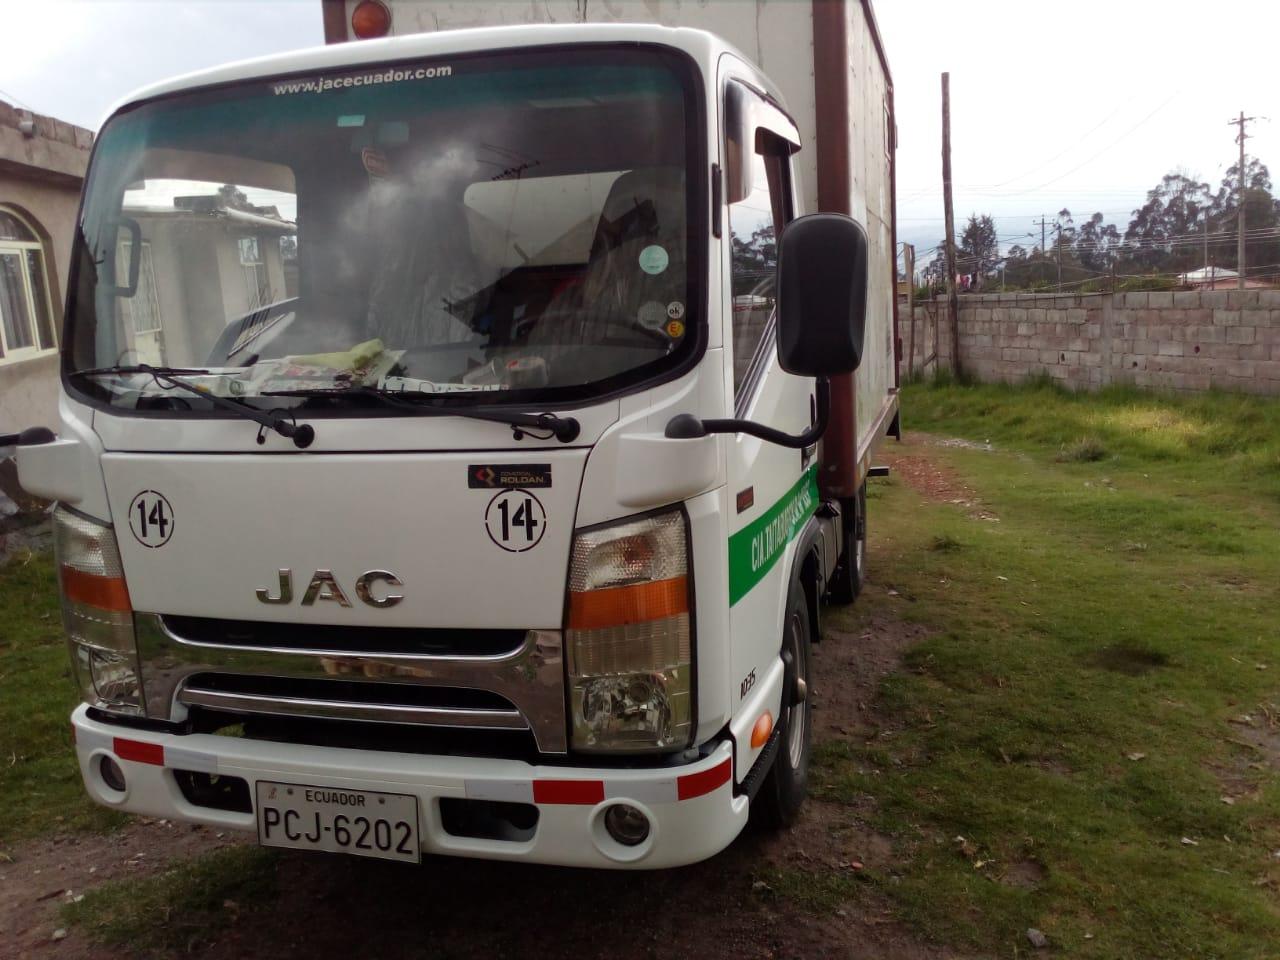 Alquiler de Camioneta Furgon en Conocoto Mudanzas la Floresta